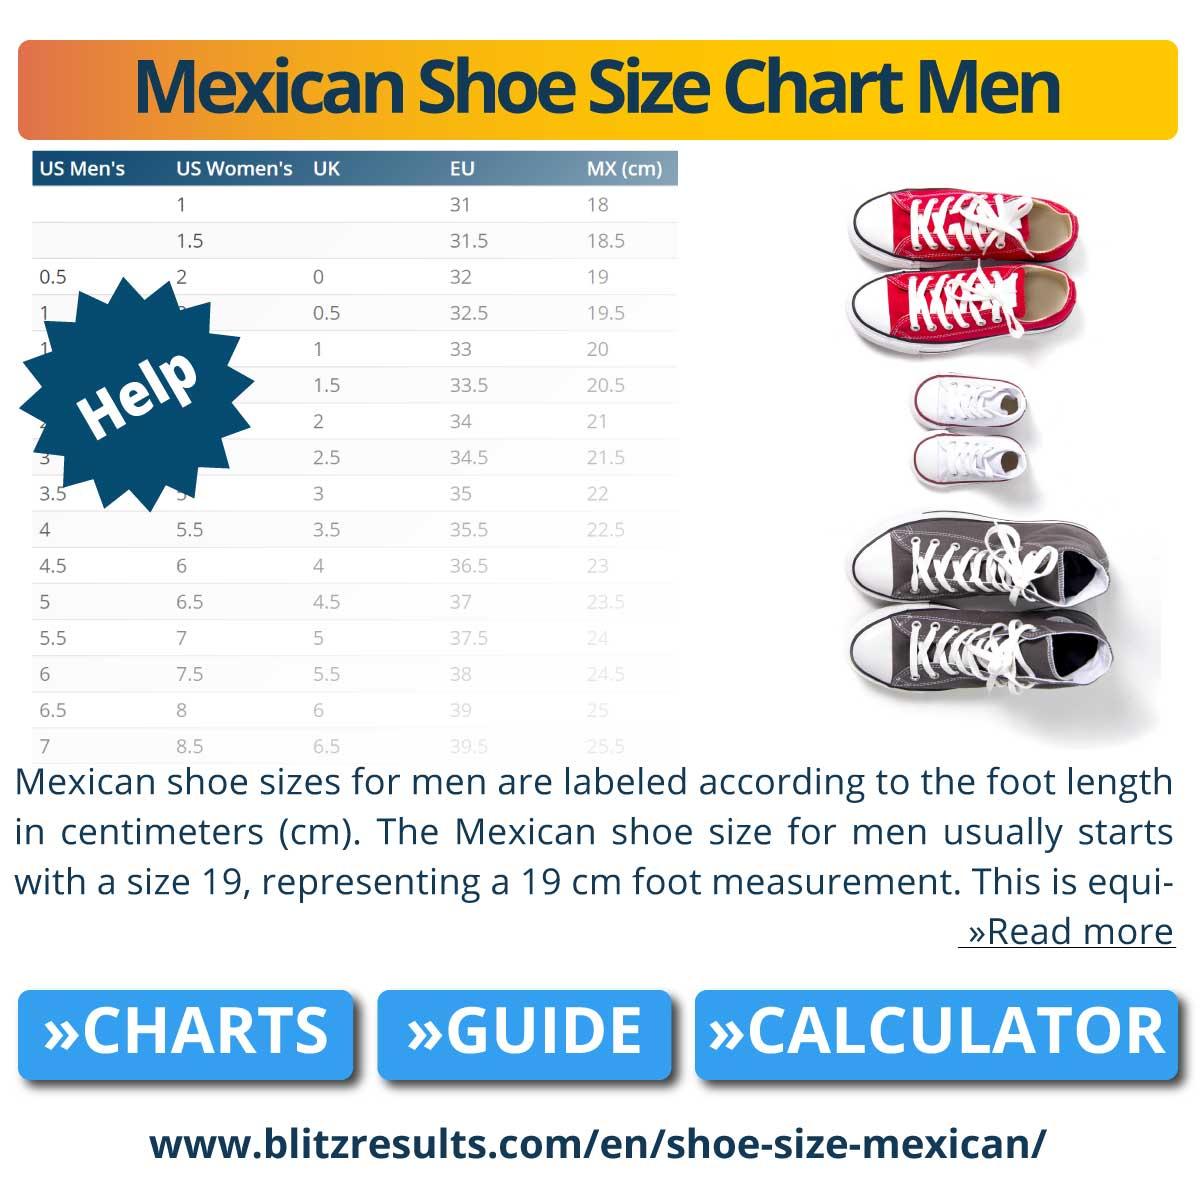 Mexican Shoe Size Chart Men